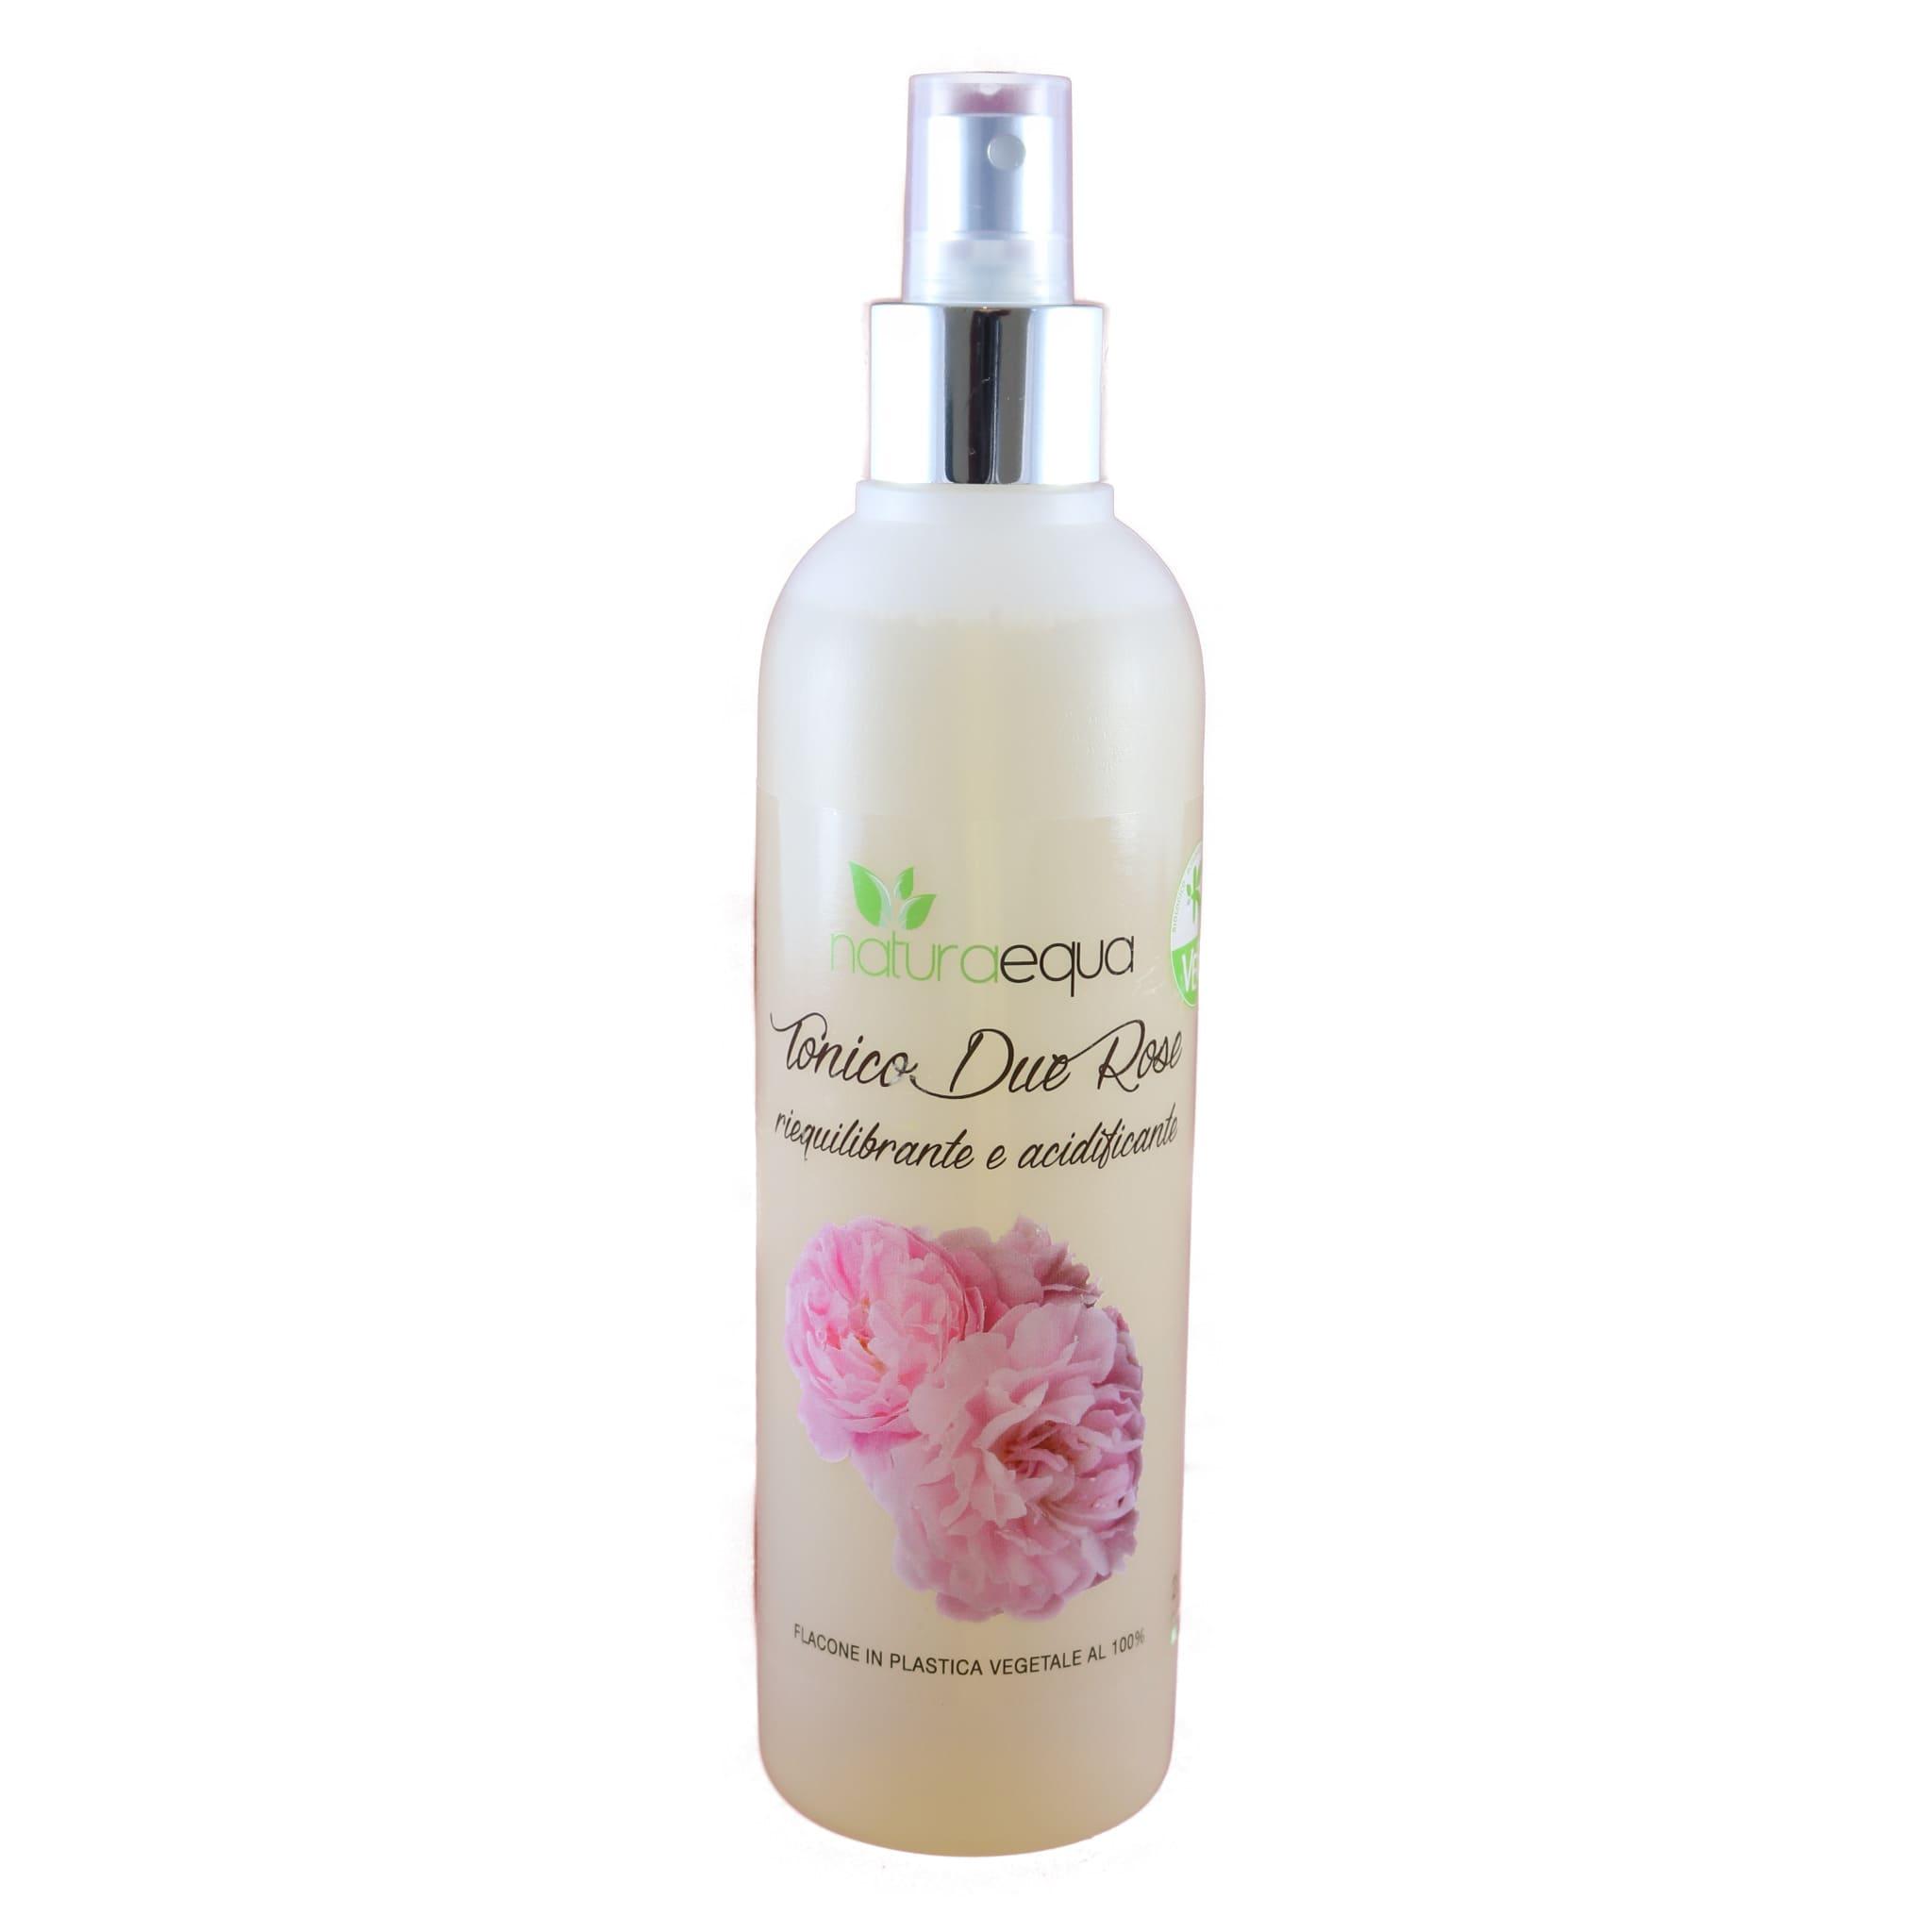 BIO + Naturaequa Tonico Due Rose Bio (250 ml)